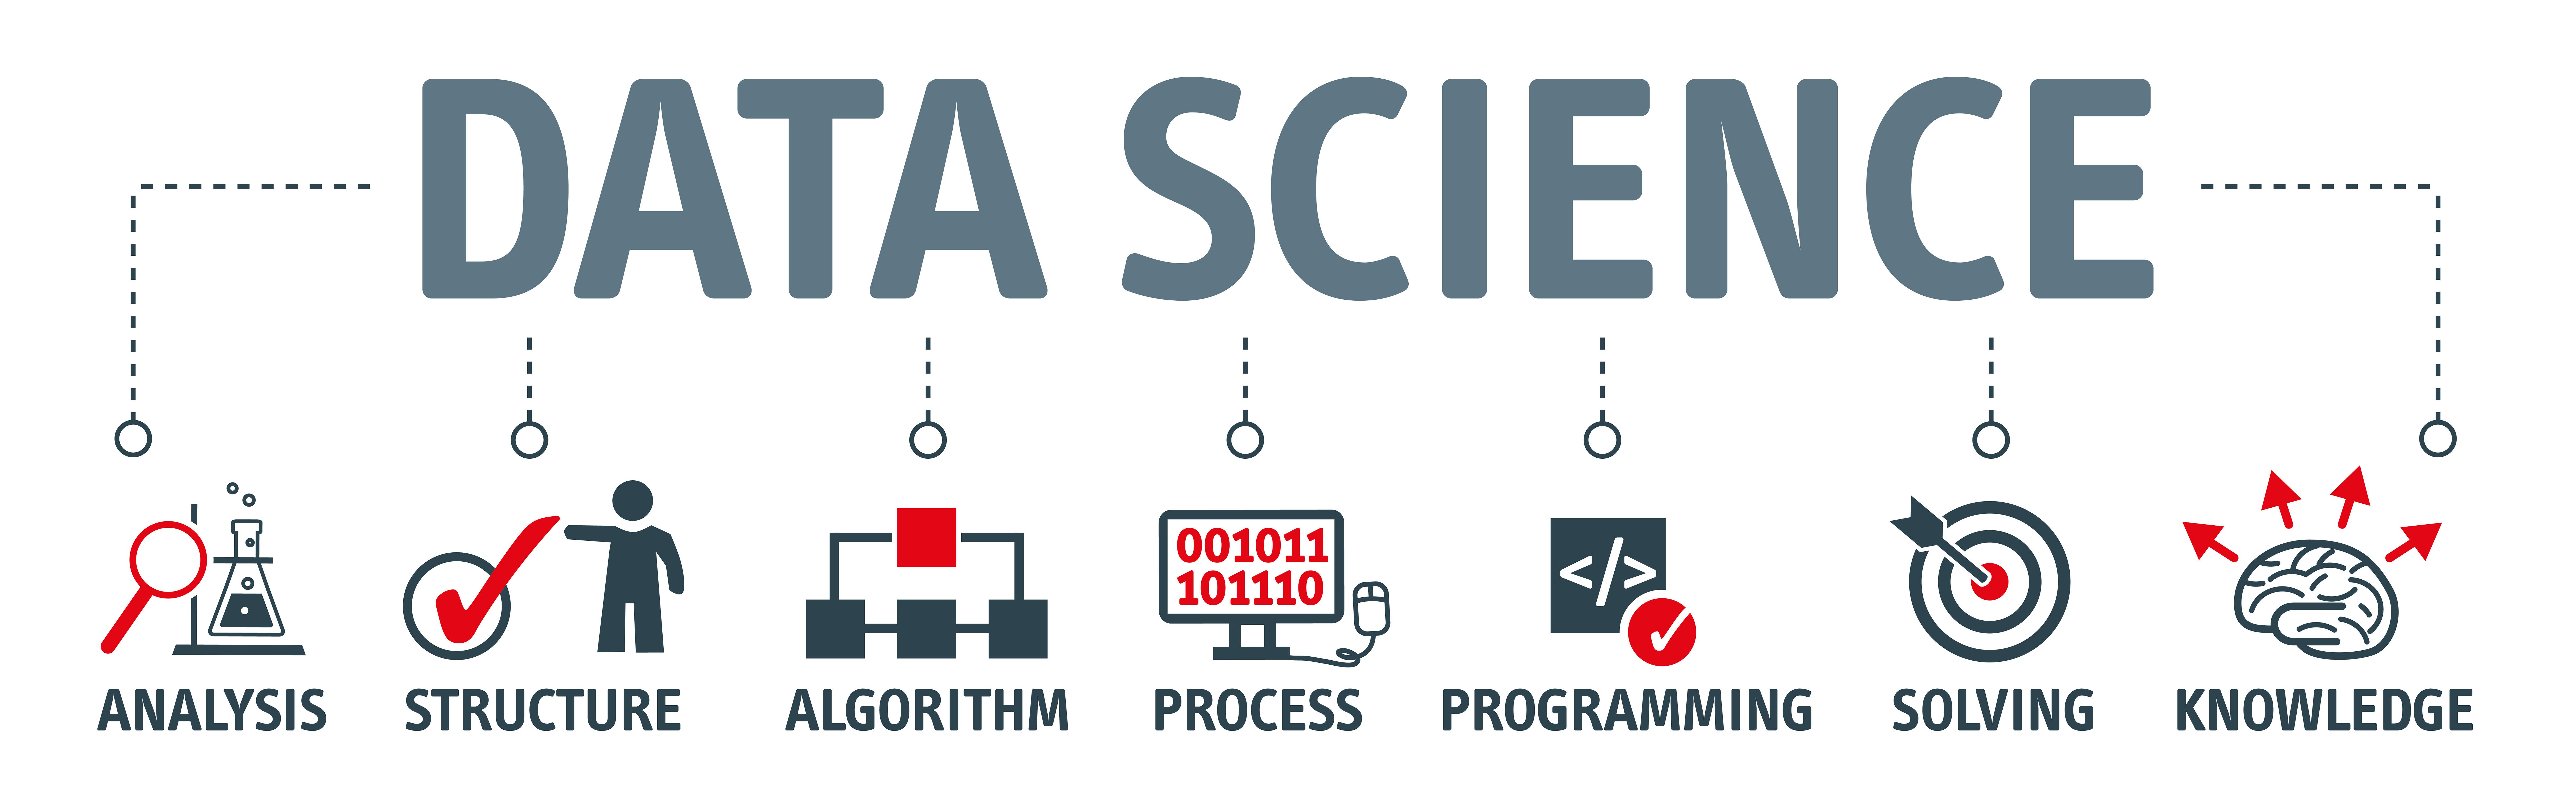 Come sfruttare i dati per migliorare le strategie: dal data driven al data science. Immagine 3